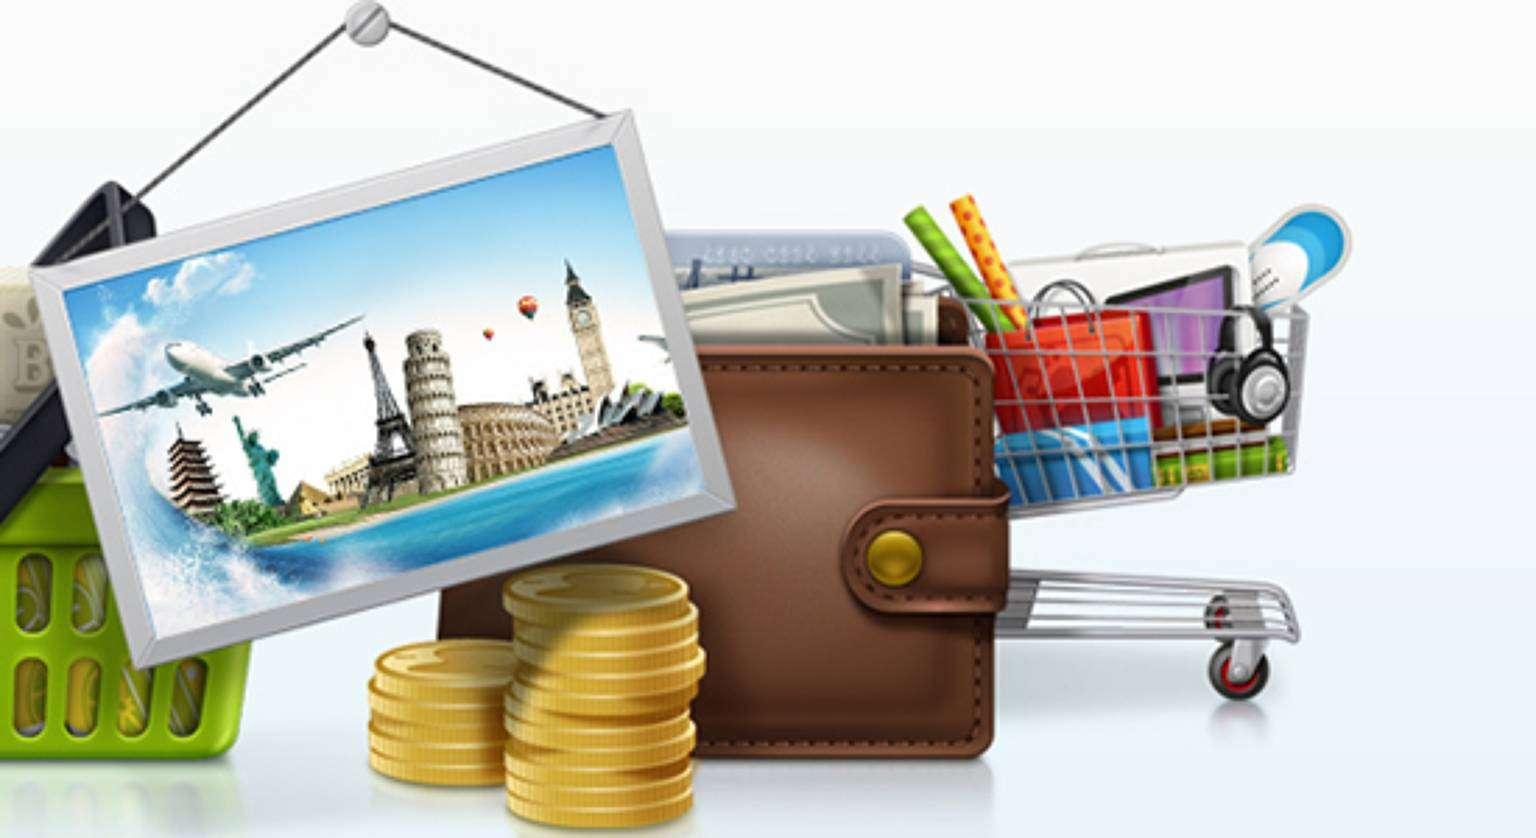 оформить кредит онлайн моментальное решение несоблюдение письменной формы договора займа